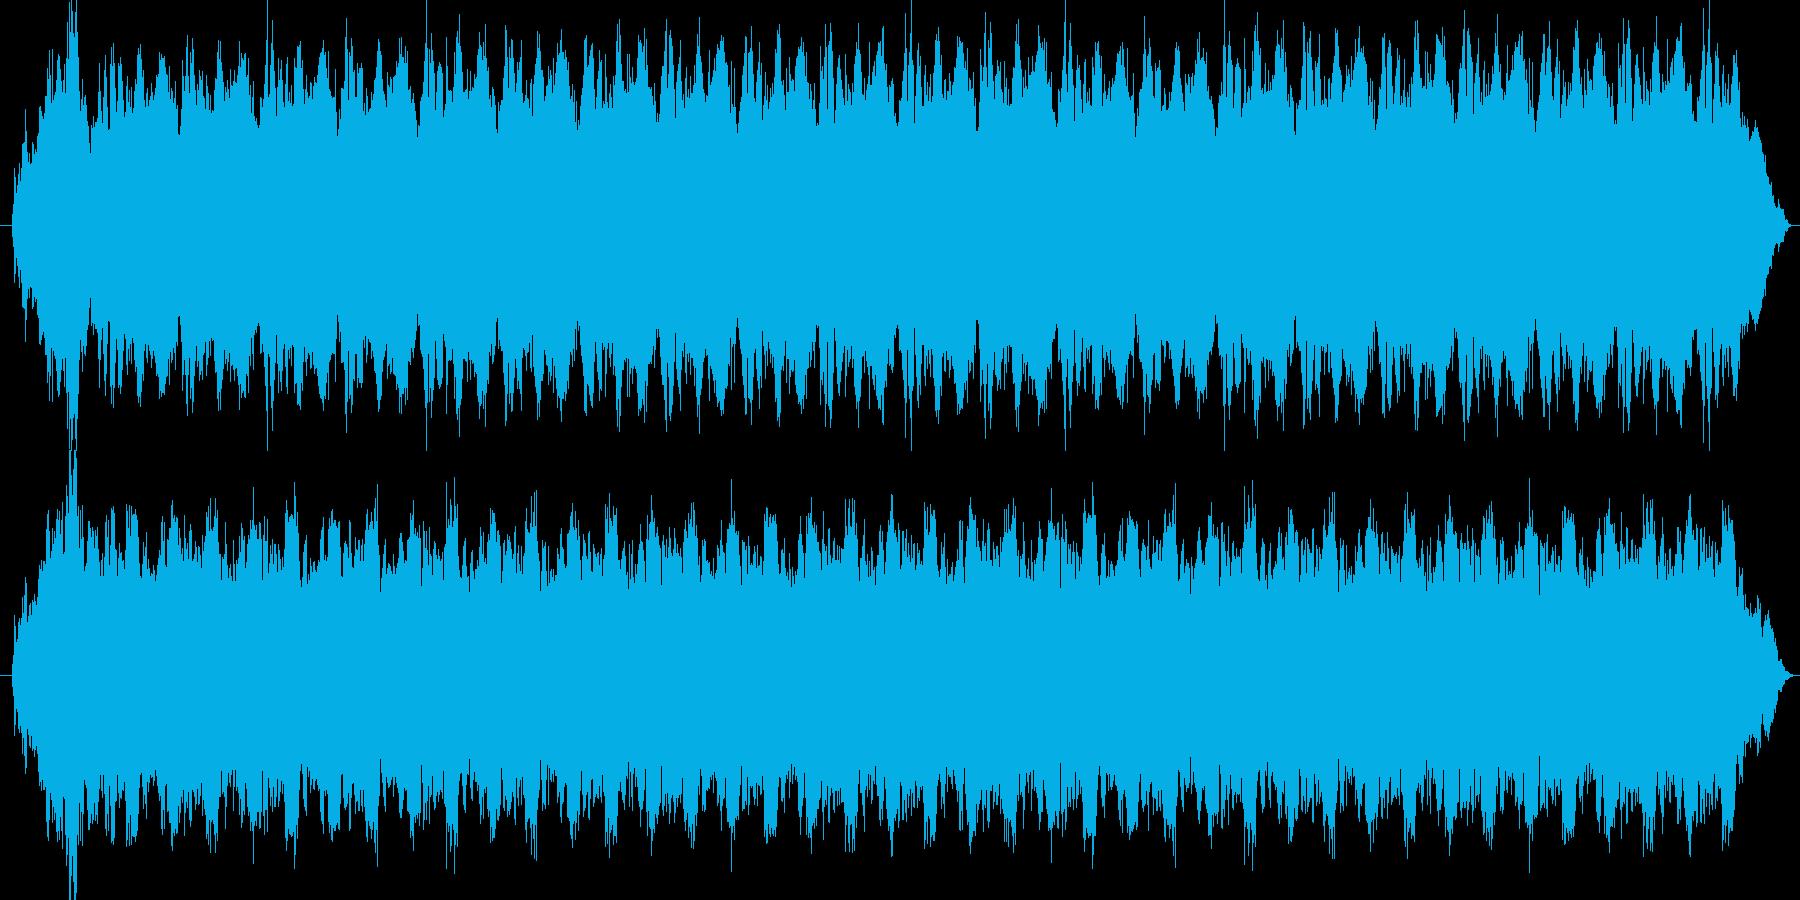 歯医者の嫌な音の再生済みの波形